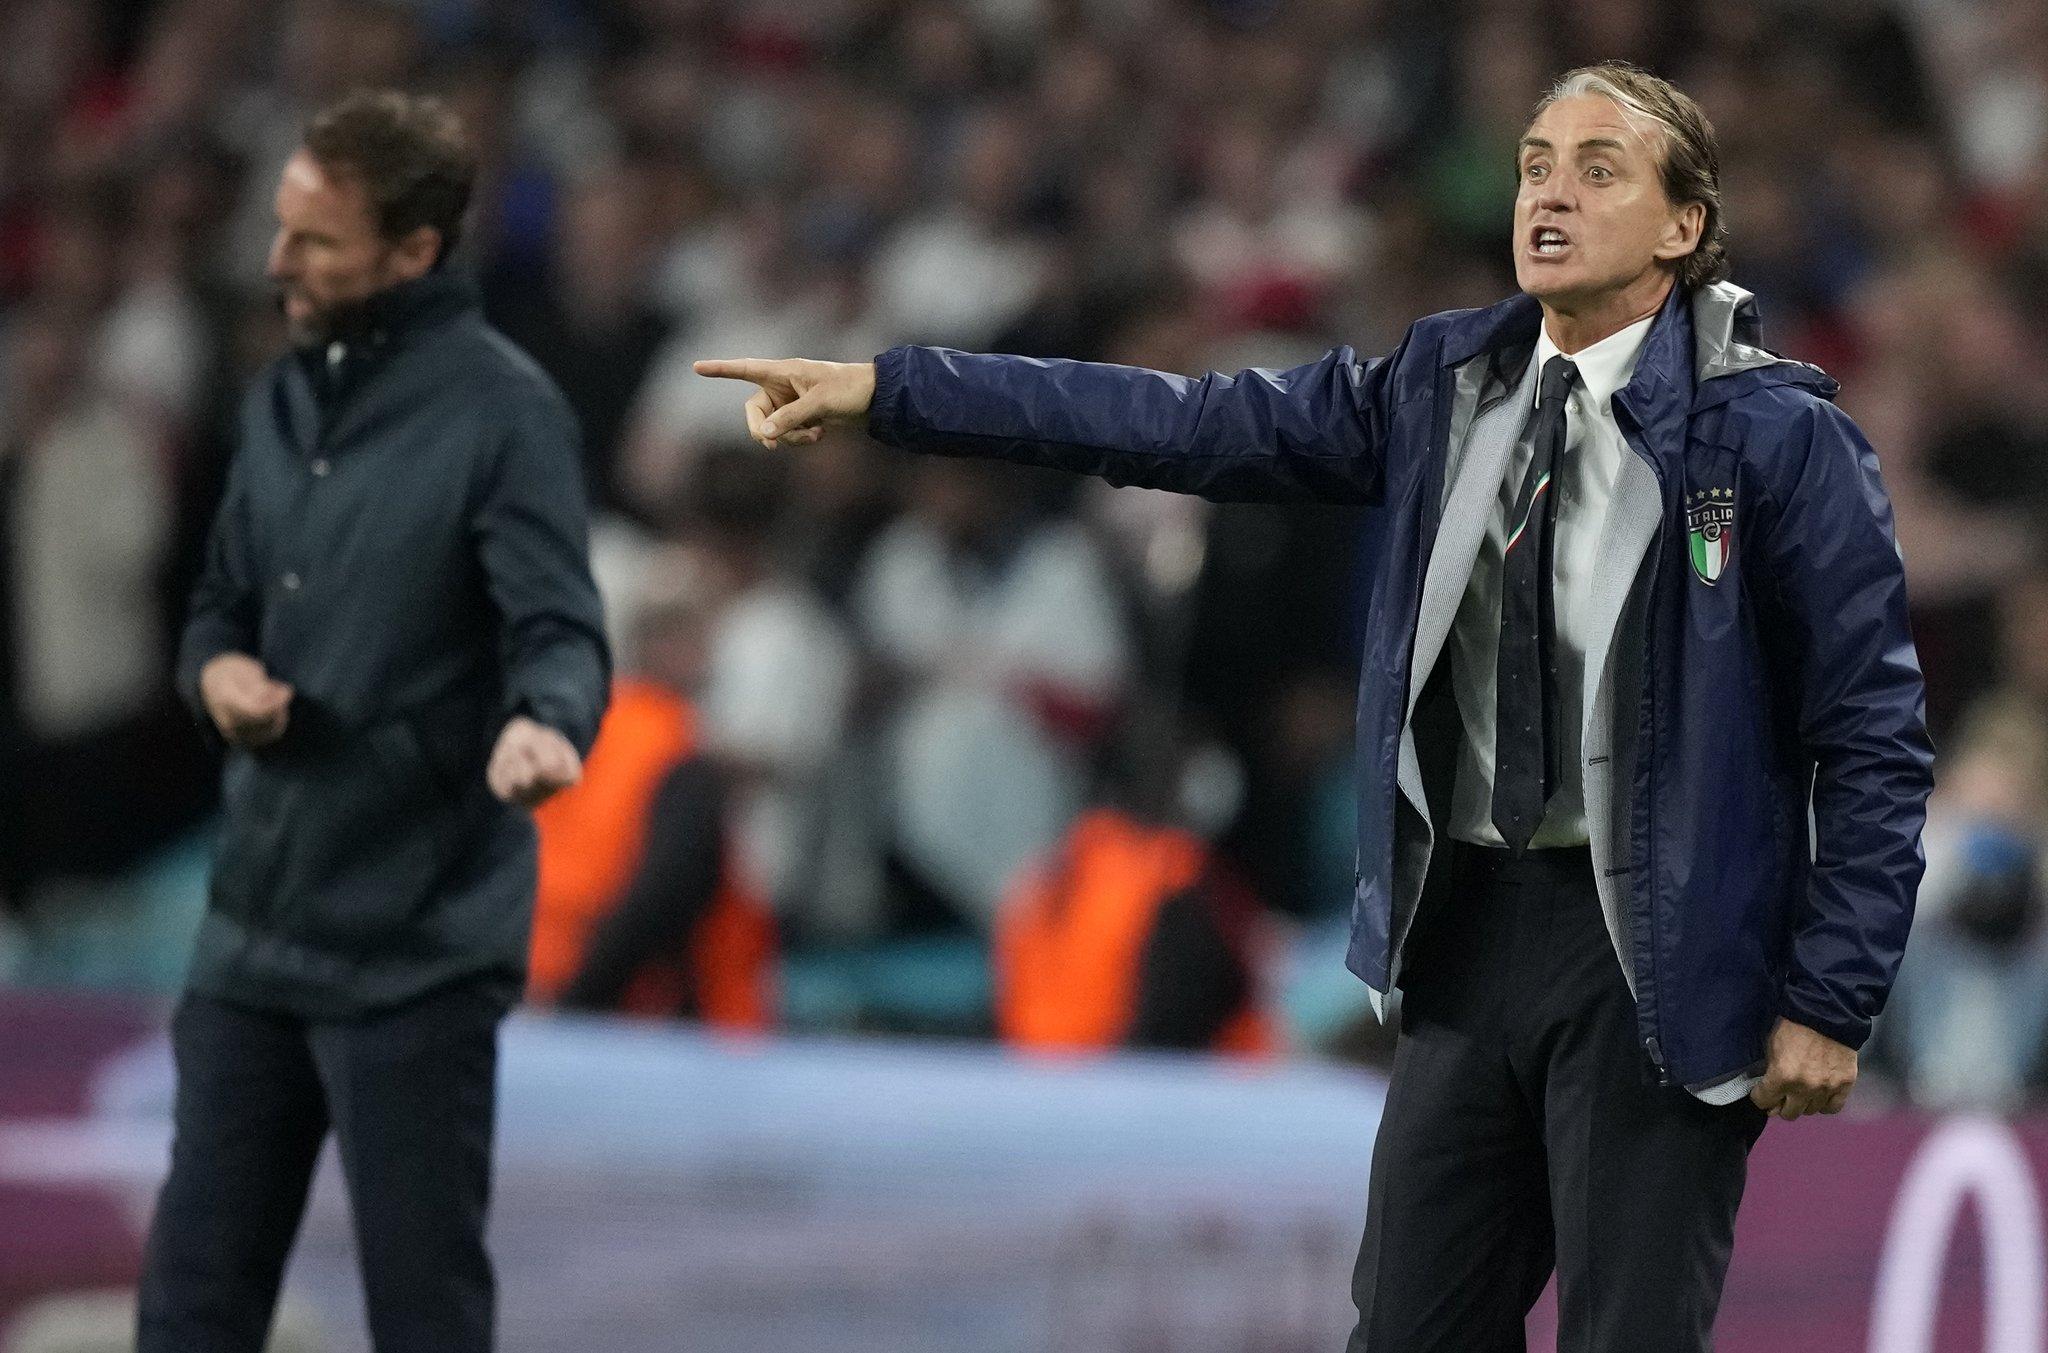 Mancini sẽ có một tháng nghỉ ngơi trước khi bắt tay vào chiến dịch mới hứa hẹn cam go và nhiều thử thách không kém. Ảnh: FIGC